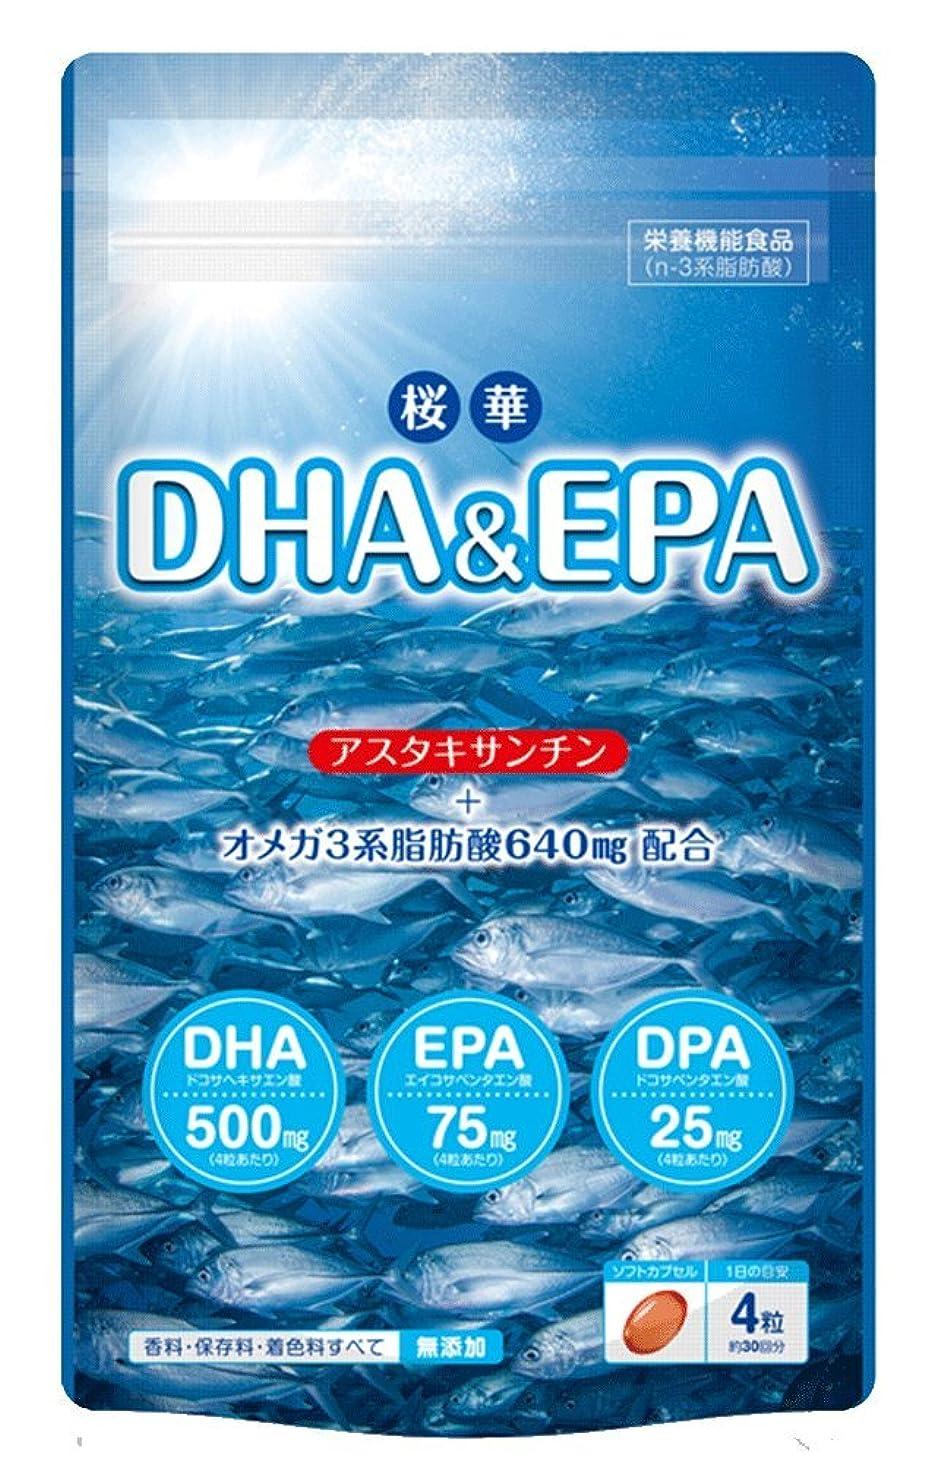 決して極端なそれに応じてDHA&EPA(栄養機能食品)オメガ3系脂肪酸640mg配合+アスタキサンチン 香料?保存料?着色料すべて無添加 (120粒入り)送料無料